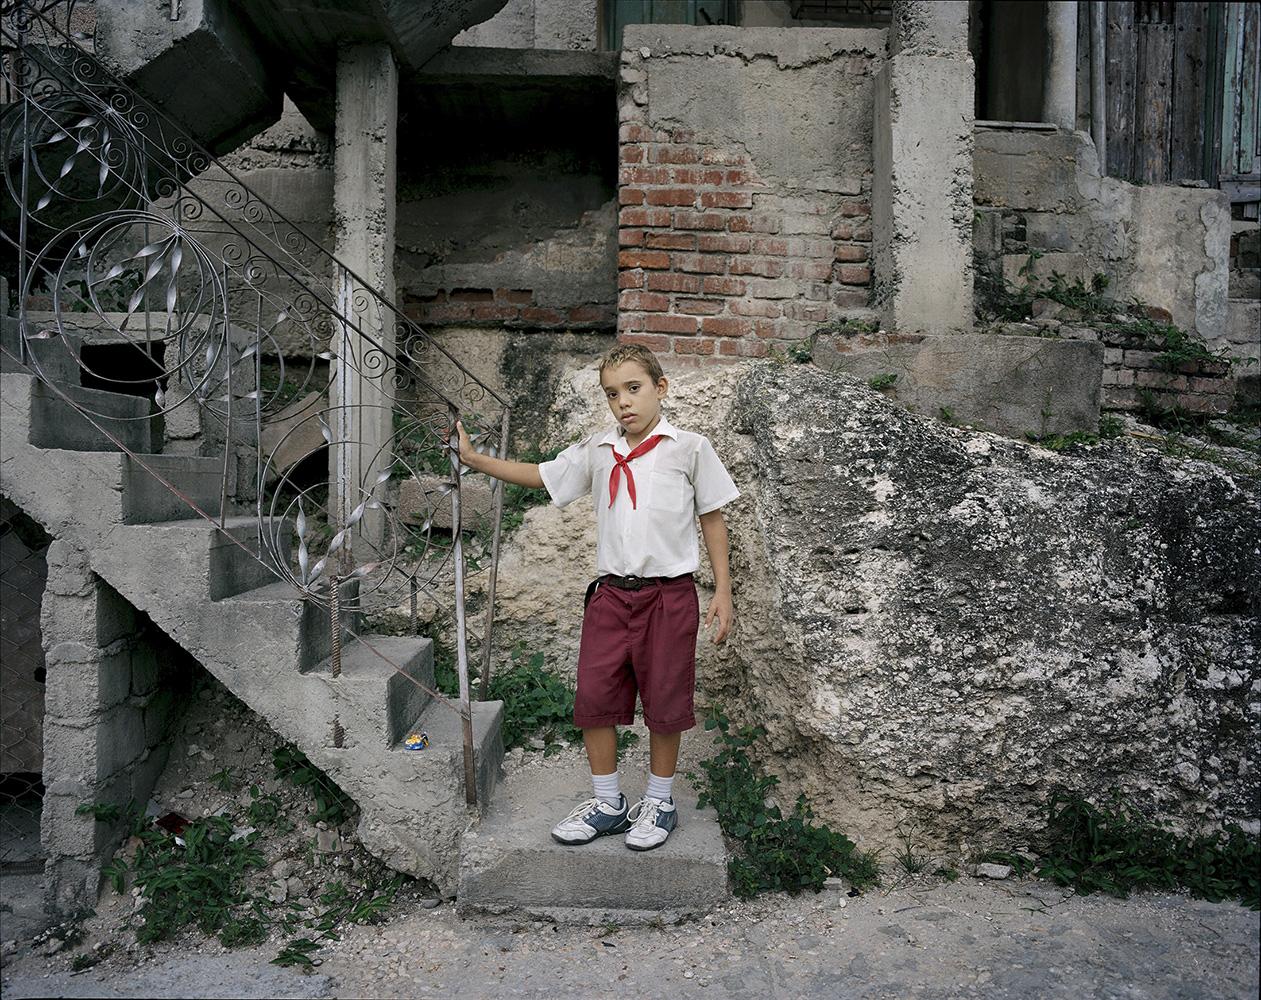 A boy gets ready to go to school in Santiago de Cuba city.